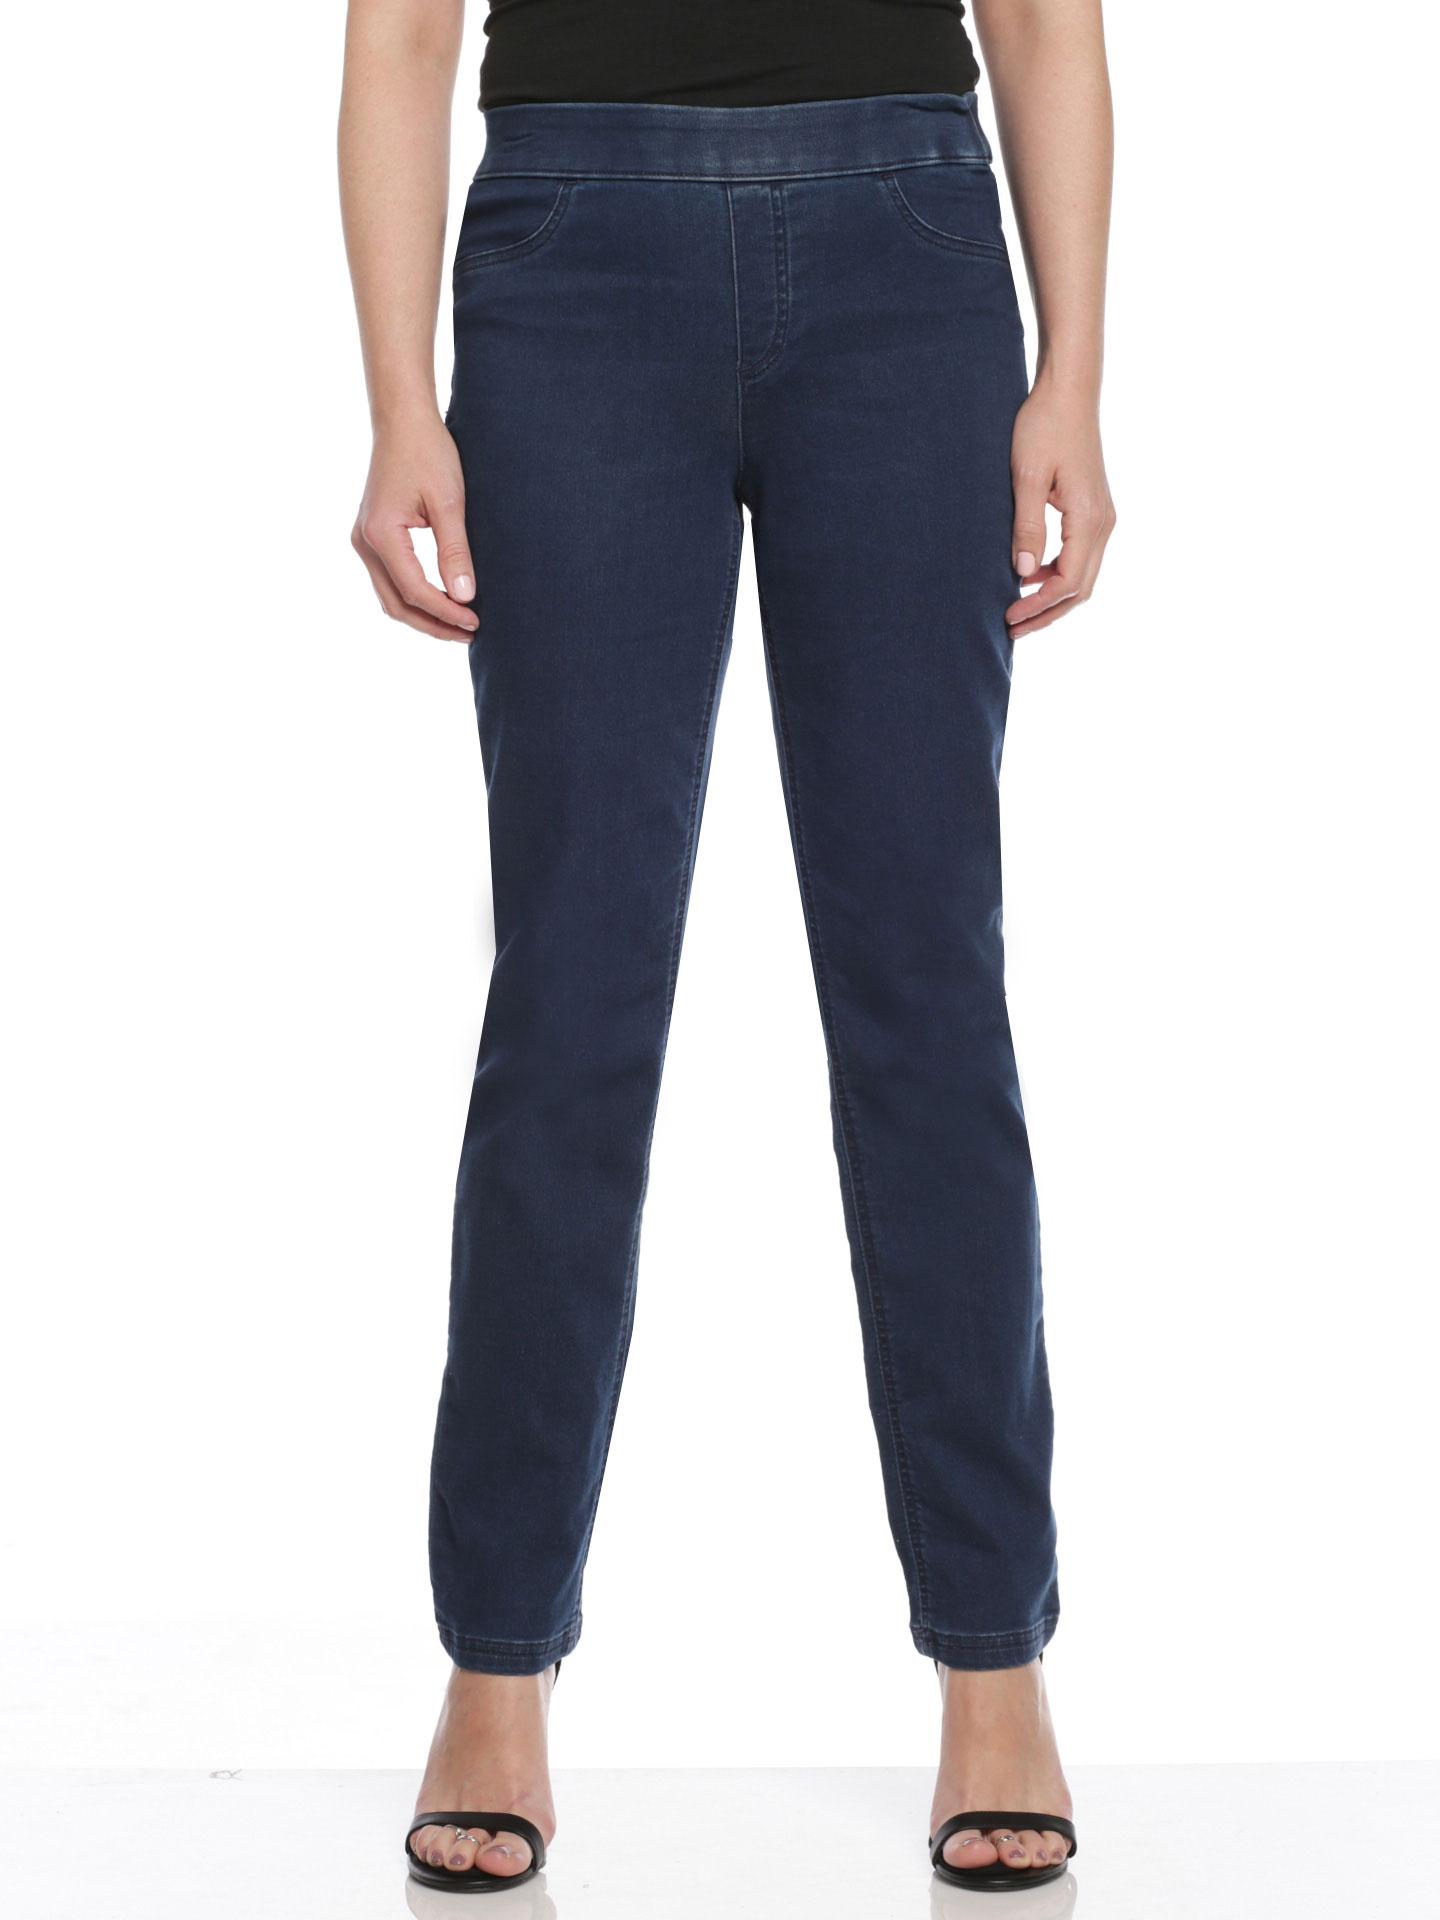 Erika Missy Joey Denim Pull-On Pants